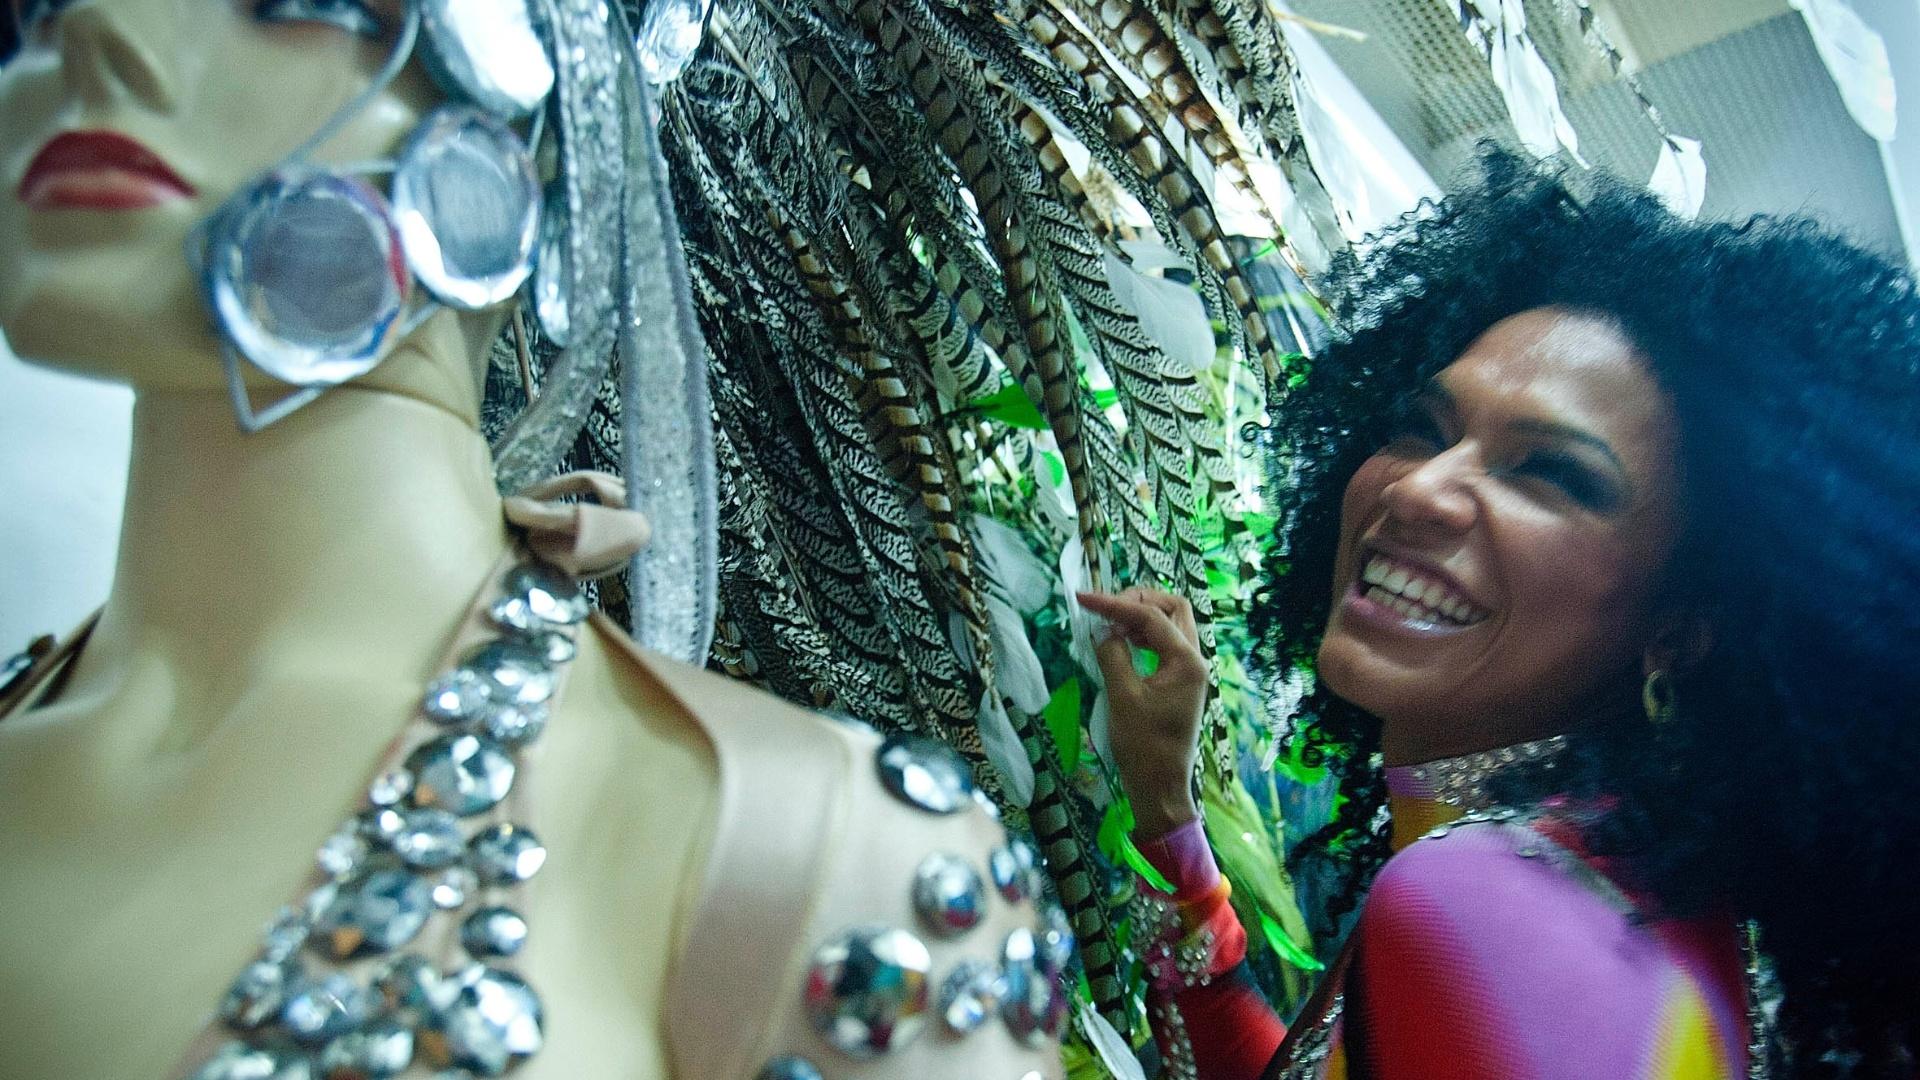 Simone Sampaio provou fantasias no centro de São Paulo na quinta-feira (26/01/12). Neste Carnaval, a rainha das rainhas estará à frente da bateria da Dragões da Real, que desfila no dia 18 de fevereiro.